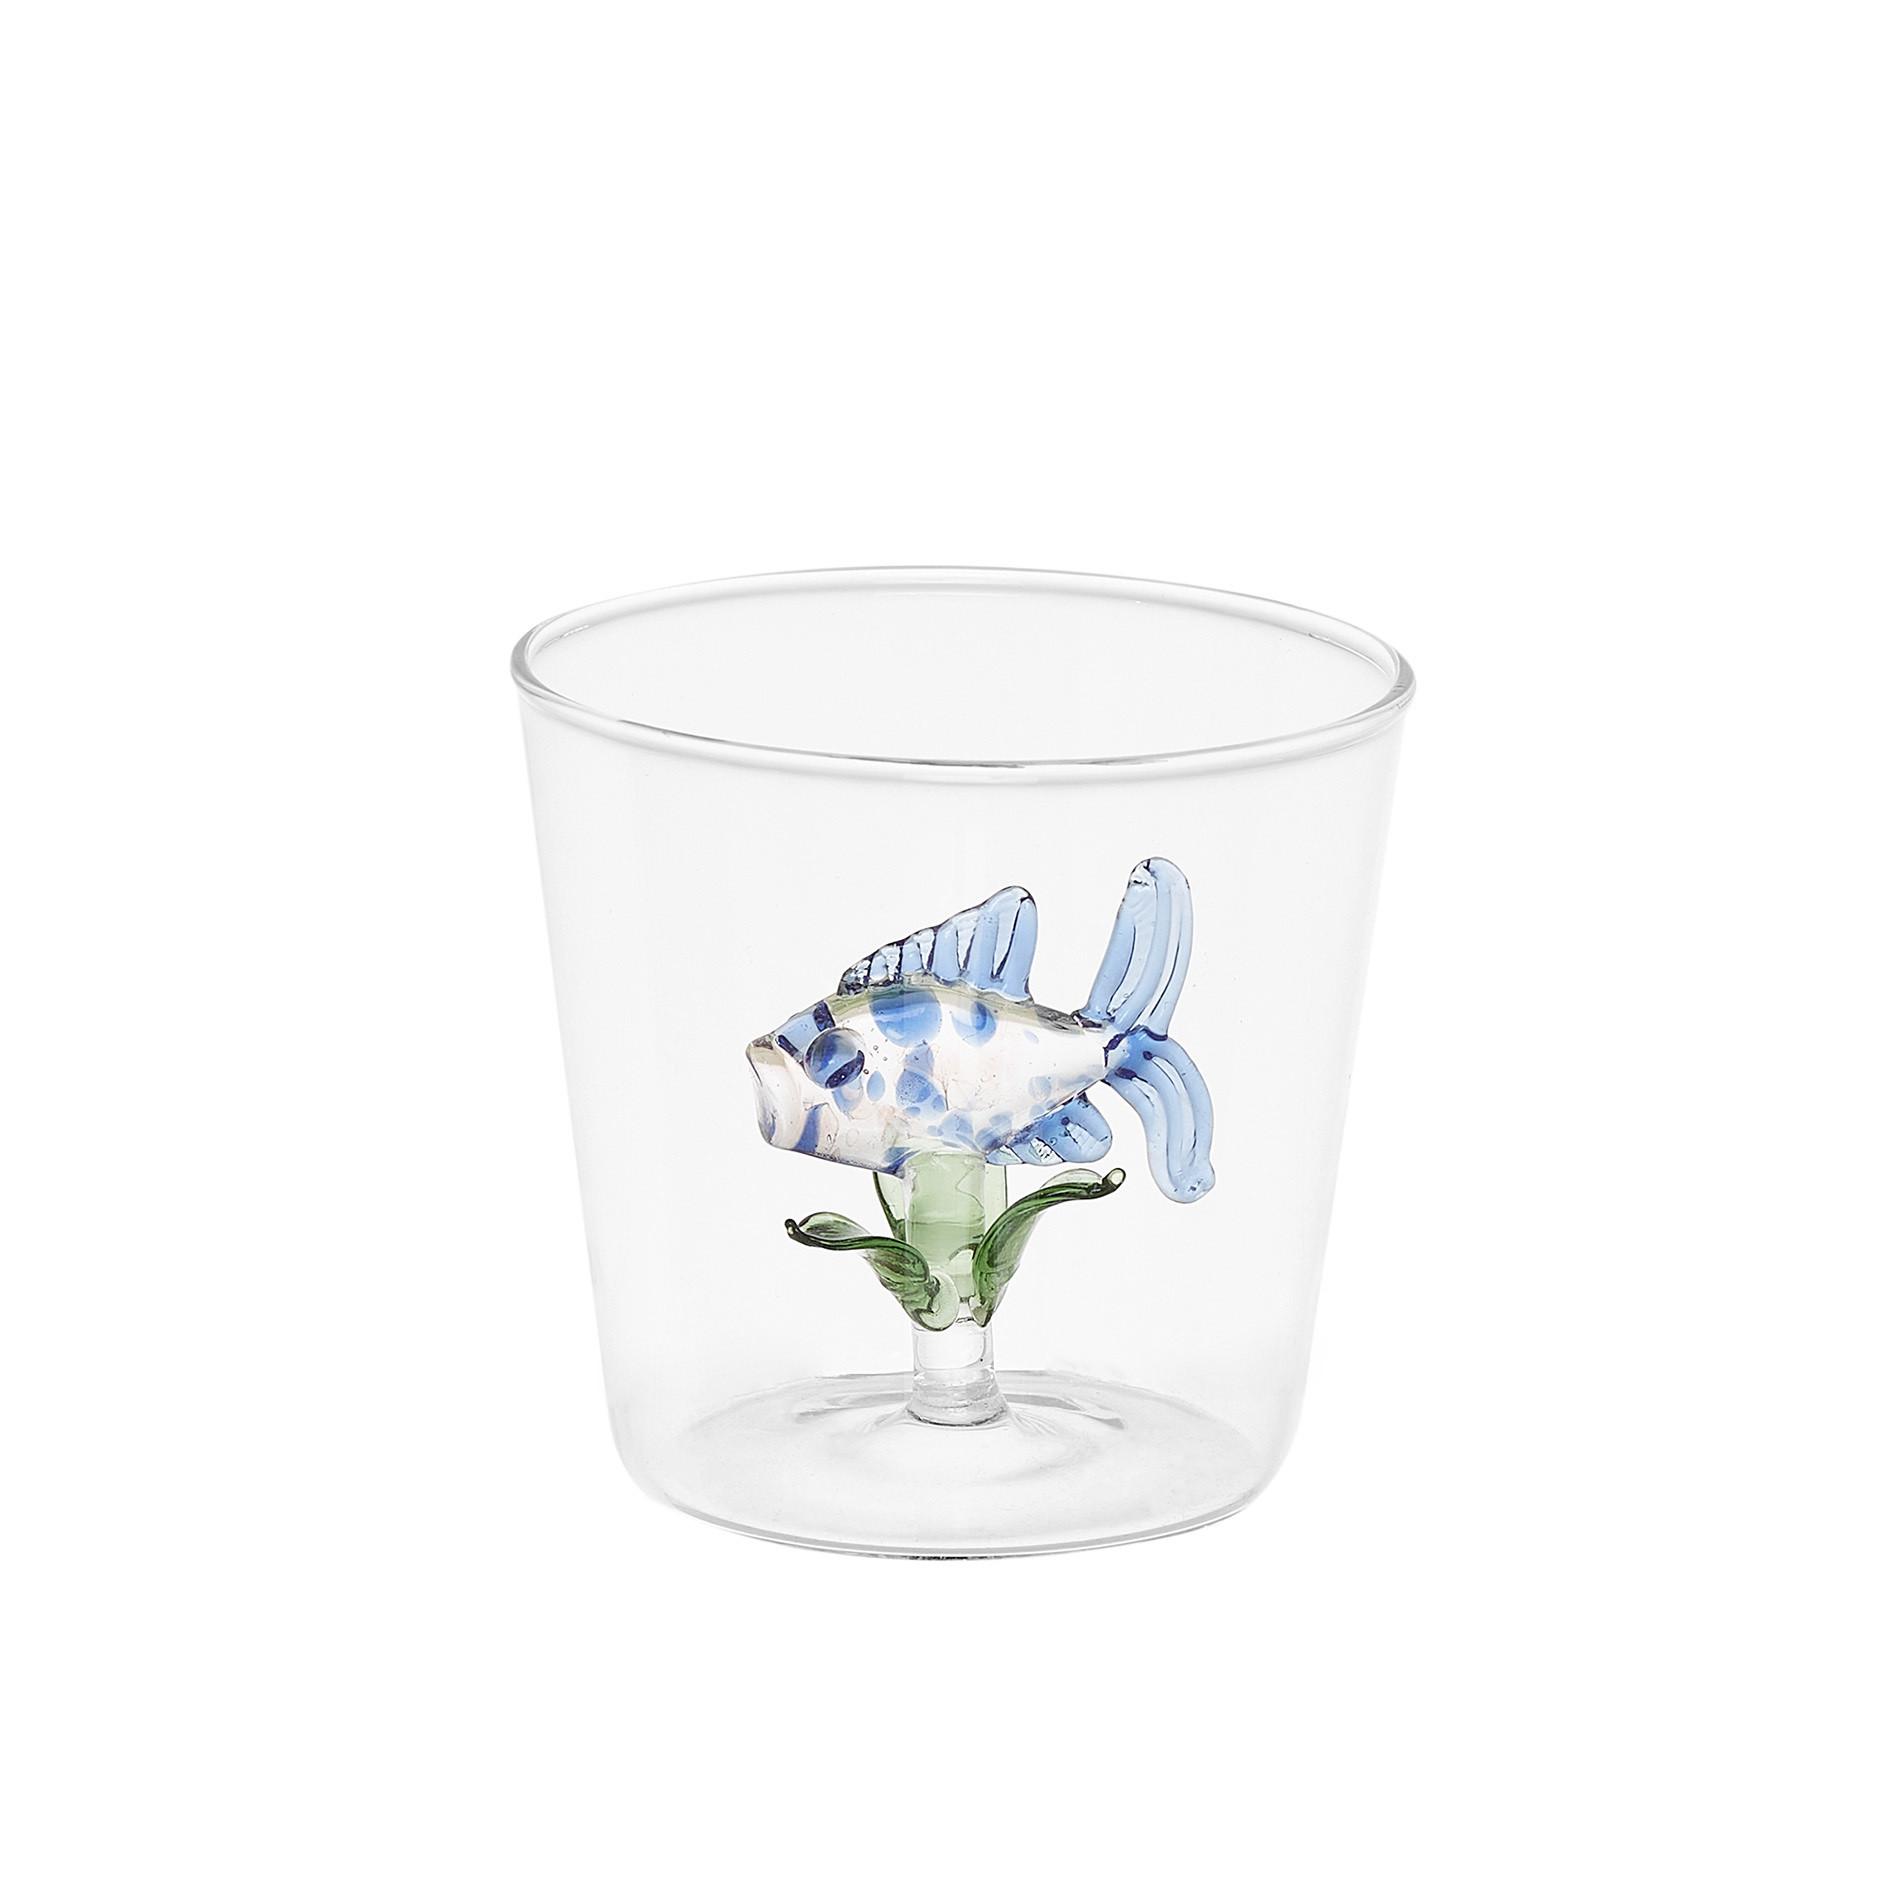 Bicchiere vetro dettaglio pesciolino, Trasparente, large image number 0